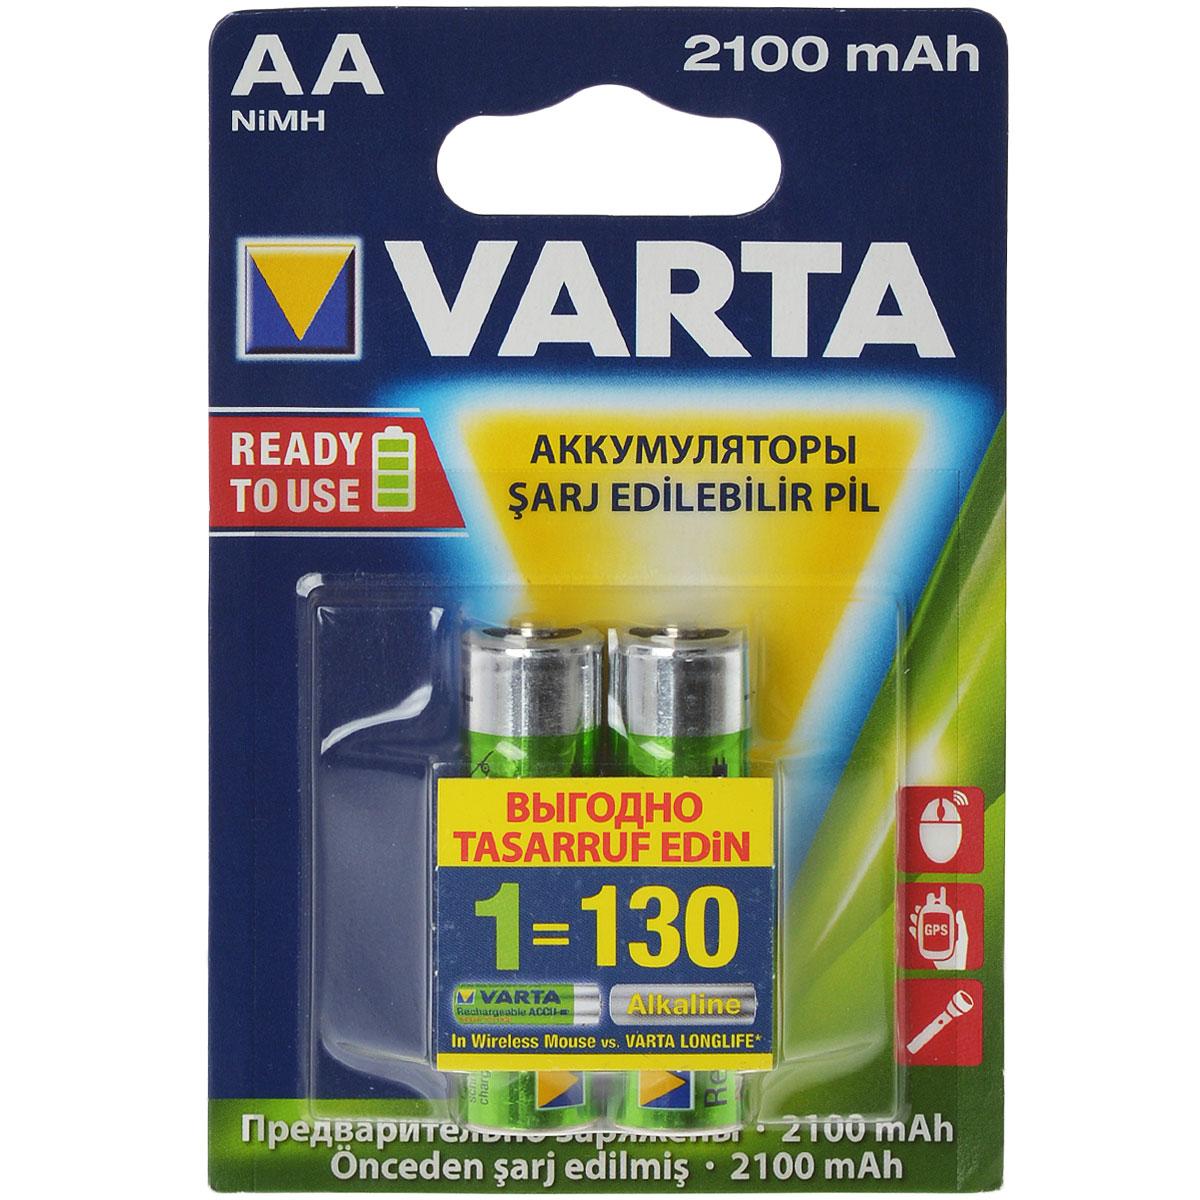 Аккумулятор Varta Ready2Use, тип АА, 2100 мАч, 2 шт40037Аккумуляторы Varta Ready2Use обеспечивают продолжительную работу всем стандартным устройствам. Во время хранения большая часть мощности у обыкновенных аккумуляторов сокращается, но аккумуляторы Varta с технологией Ready2Use обеспечивают сохранение мощности. Во время хранения аккумуляторы сохраняют 75% зарядки в течение года после последней зарядки. Аккумуляторы Varta Ready2Use могут использоваться со всеми стандартными зарядными устройствами.